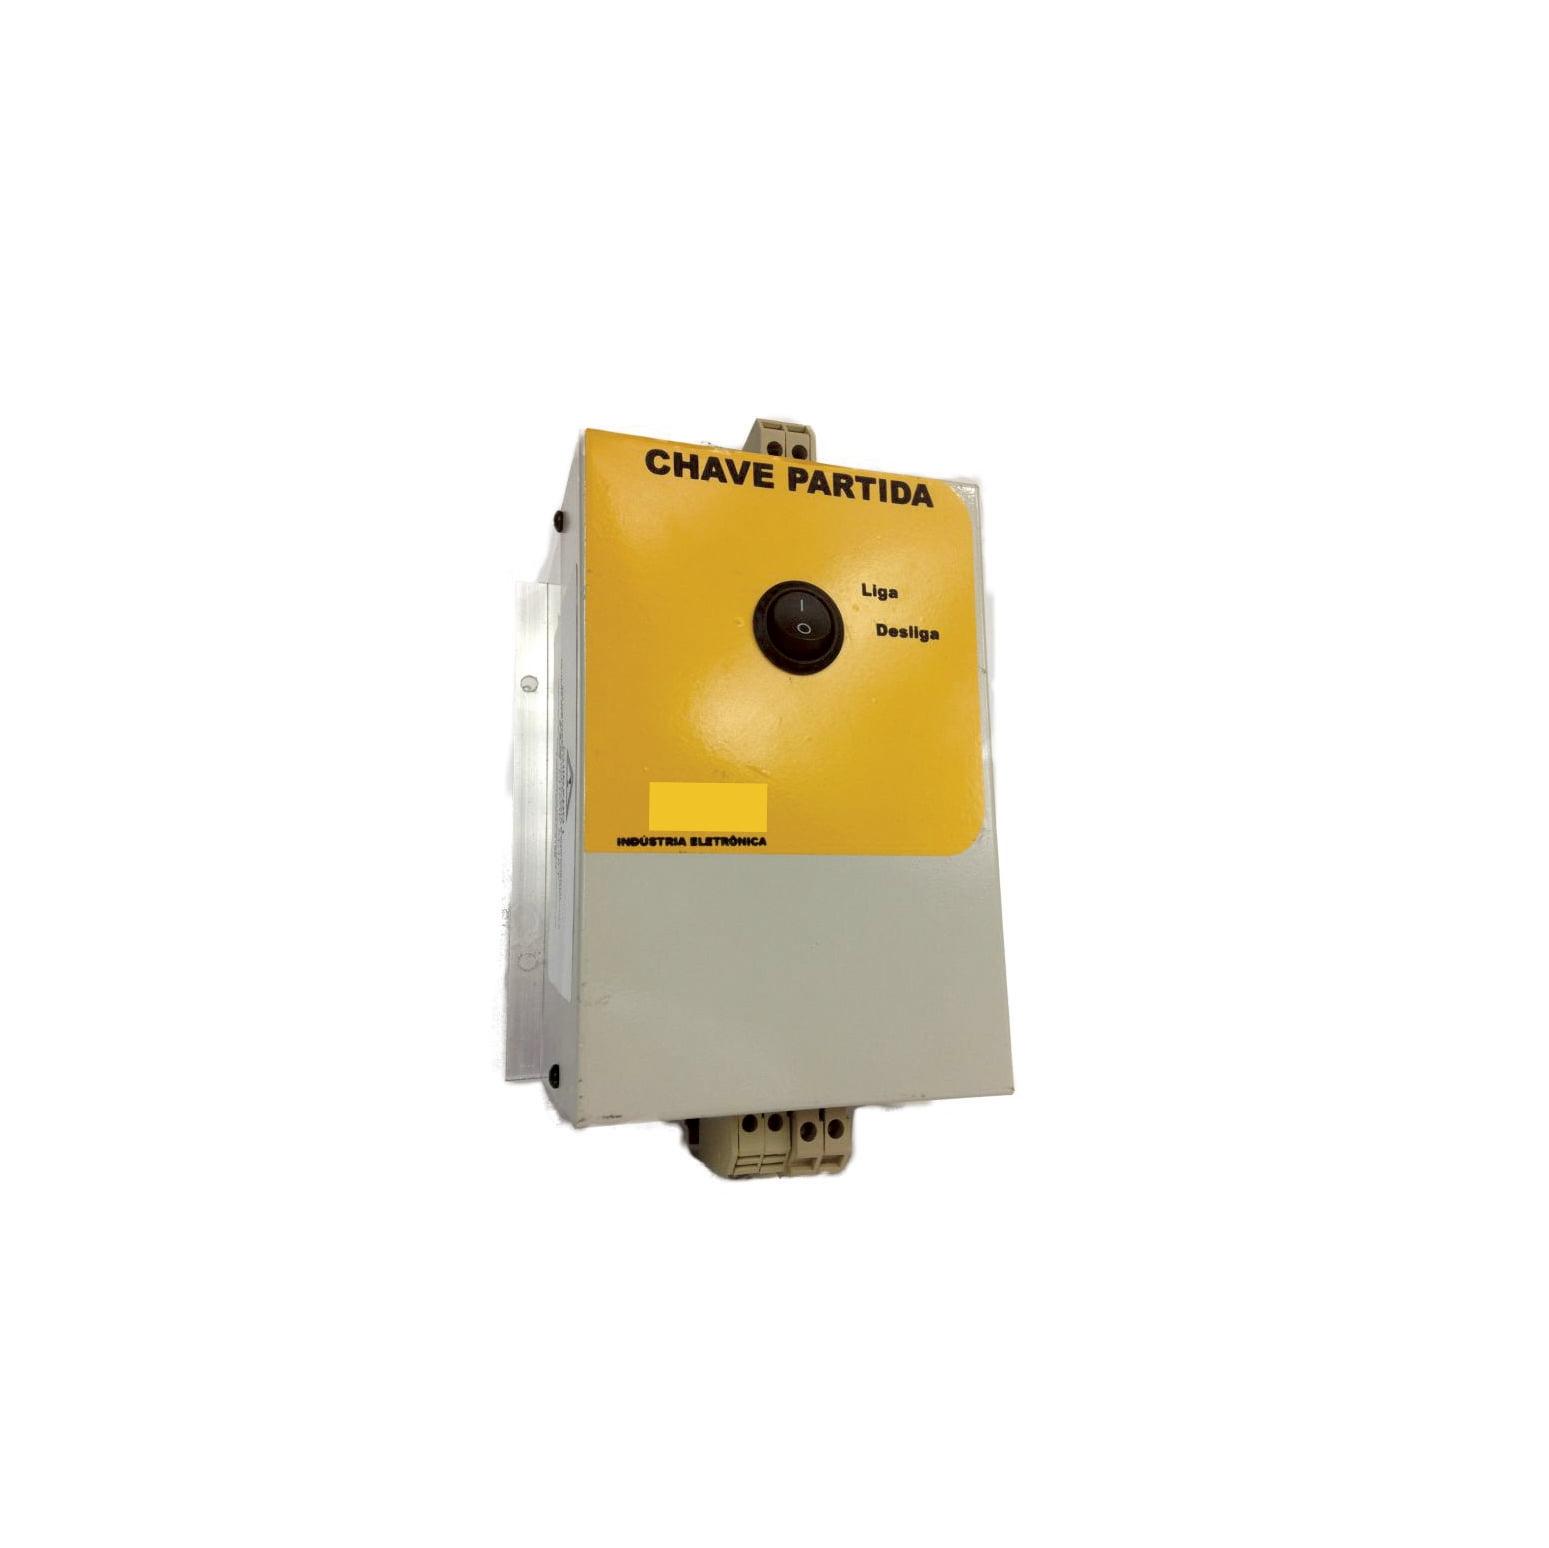 Chave De Partida Automatica de Uso Geral Monofasica 0,5 a 3,0 Cv